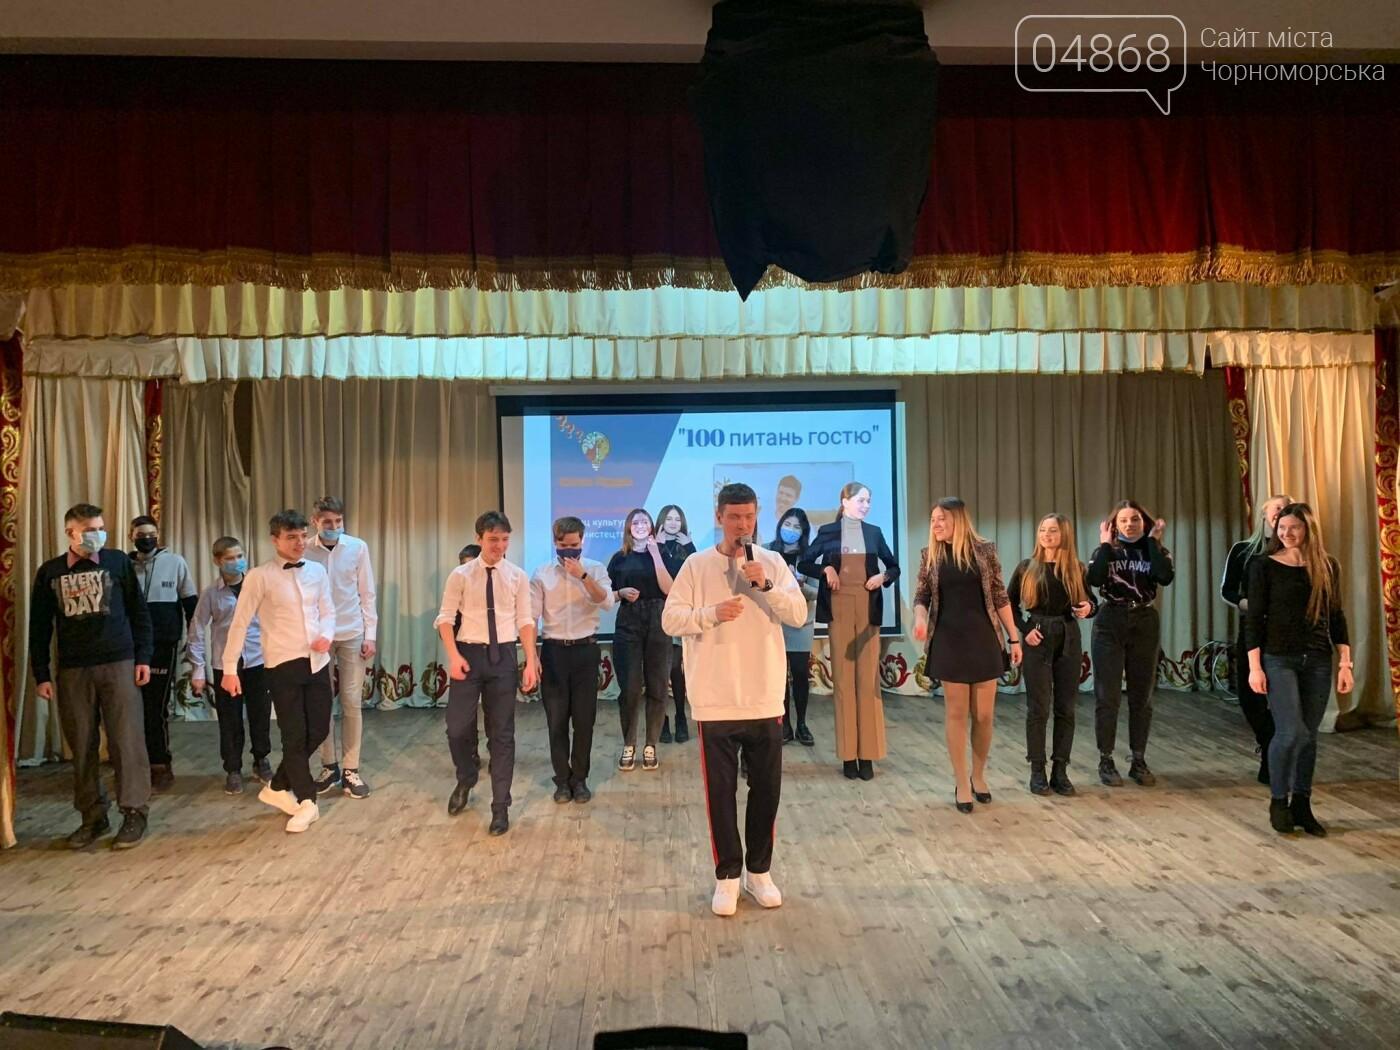 О жизни, о спорте и многом другом: Игорь Кузьменко ответил на вопросы юных лидеров (видео), фото-1